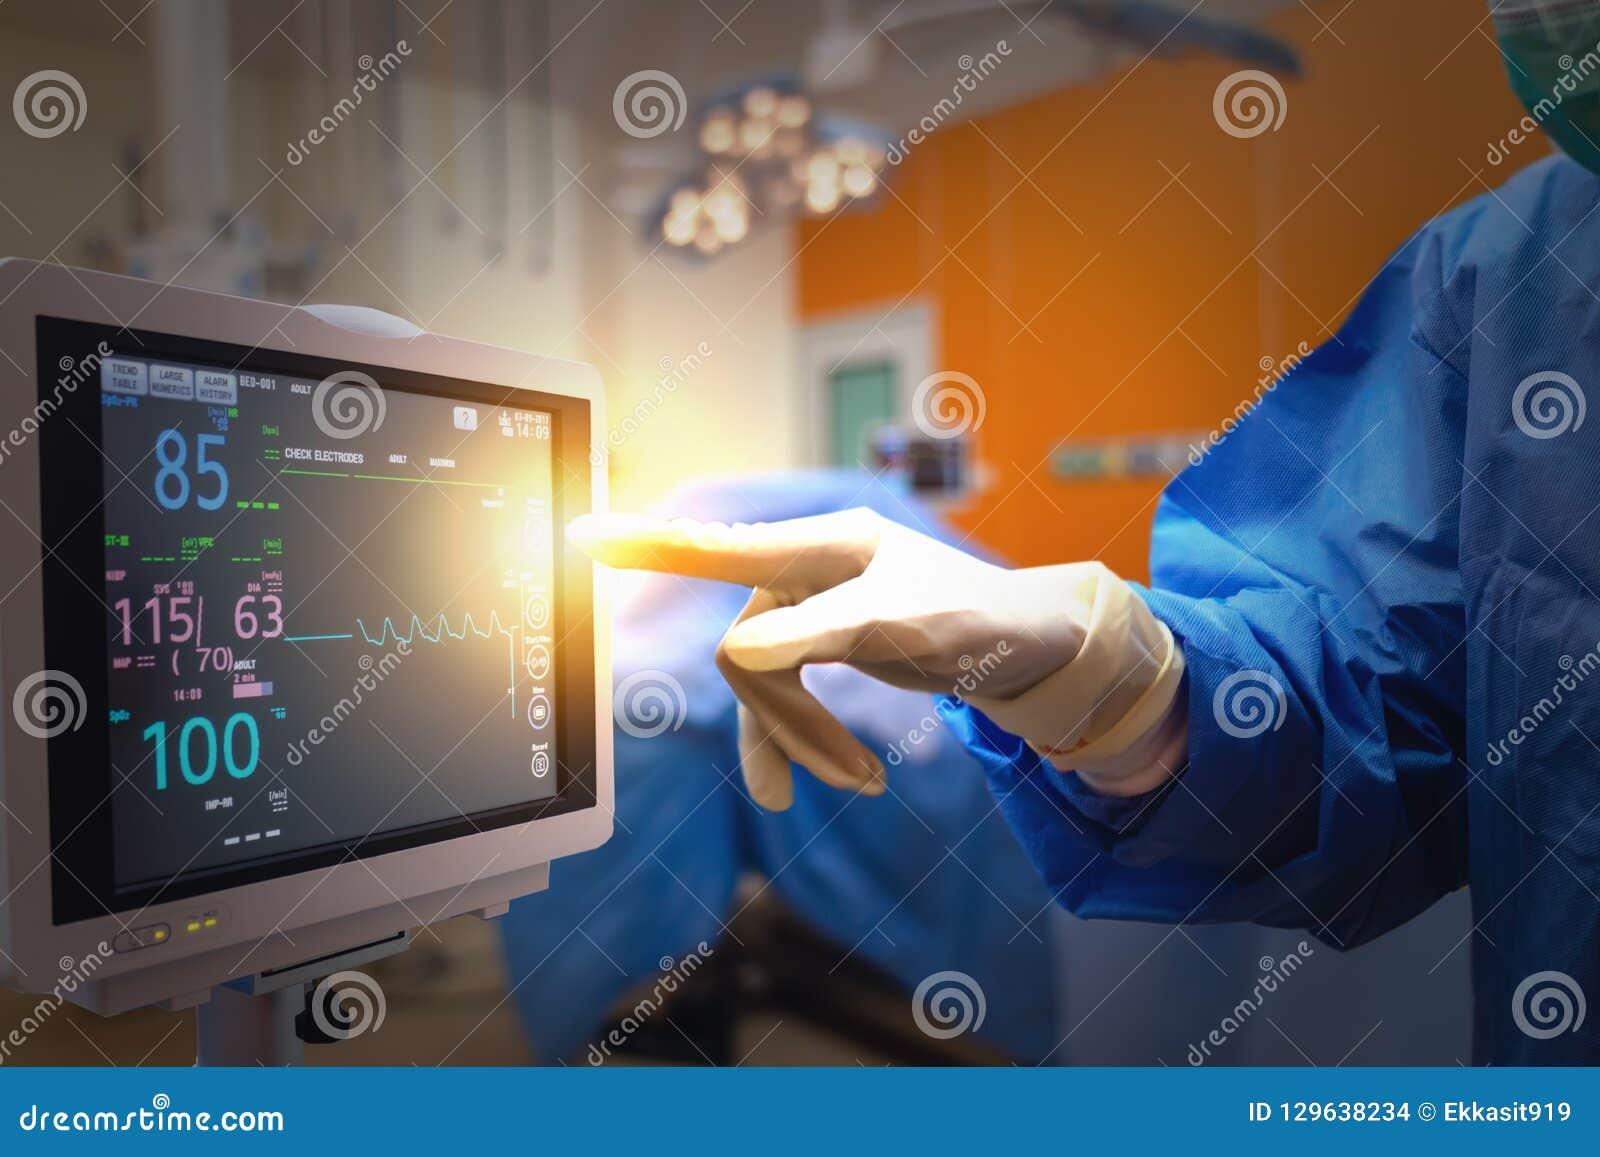 Slimme medische technologie in het ziekenhuisconcept, arts op het gebied die van het Chirurgenteam medische instrumenten voor chi